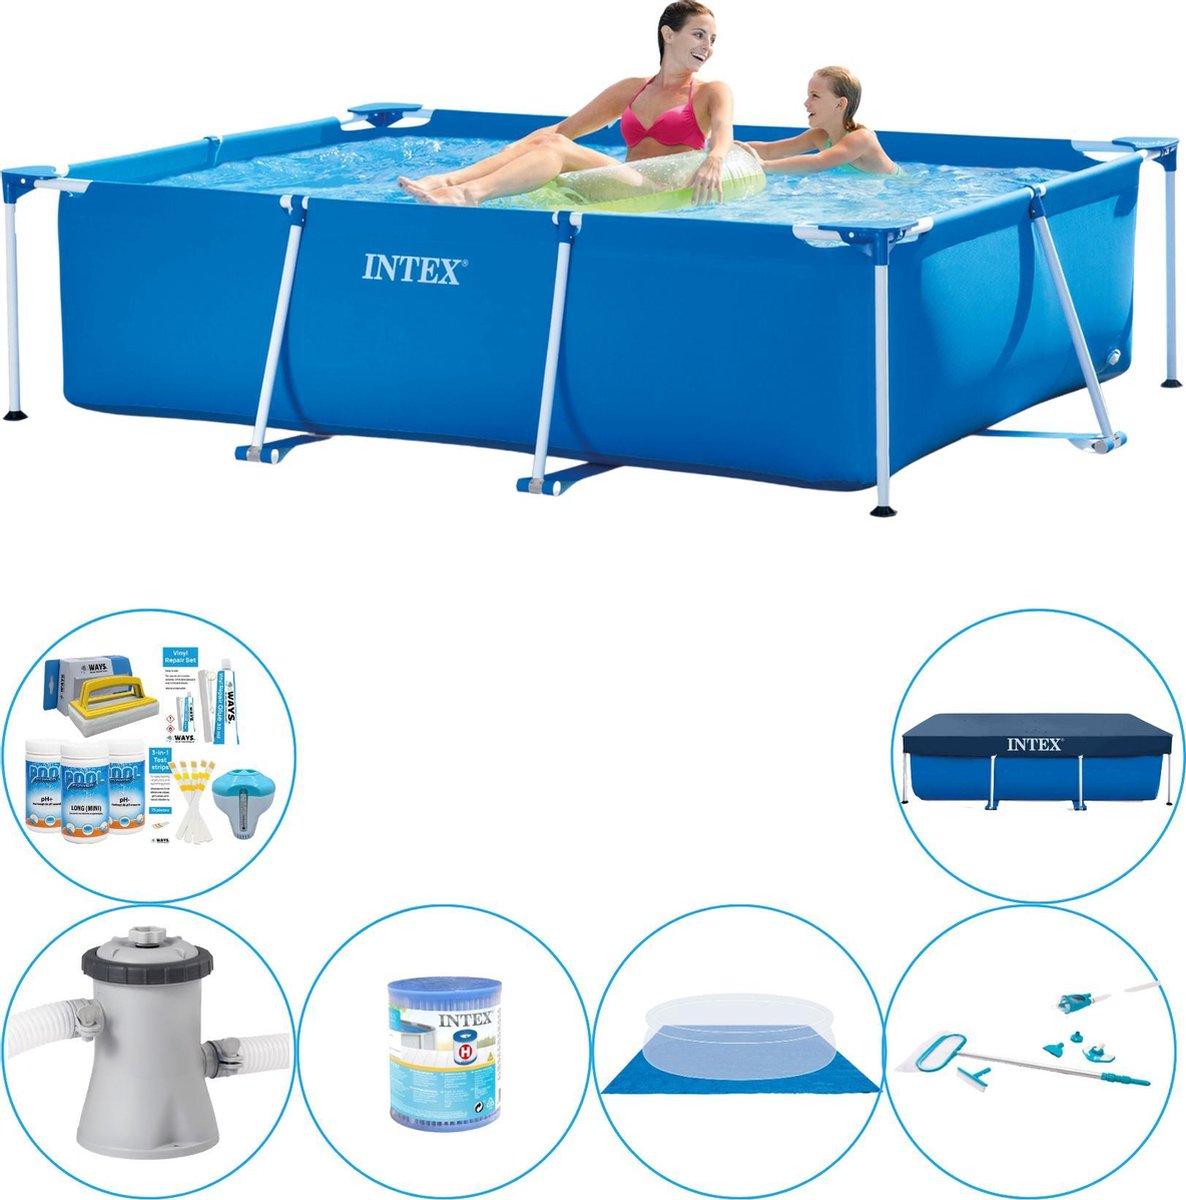 Intex Frame Pool Rechthoekig 220x150x60 cm - Zwembad Met Accessoires